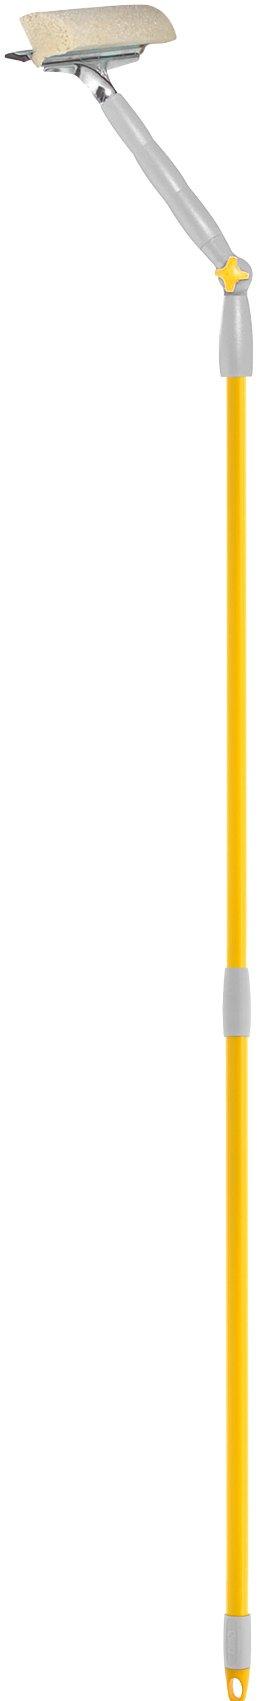 Стекломой с поворотной телескопической ручкой 25см., Apex,